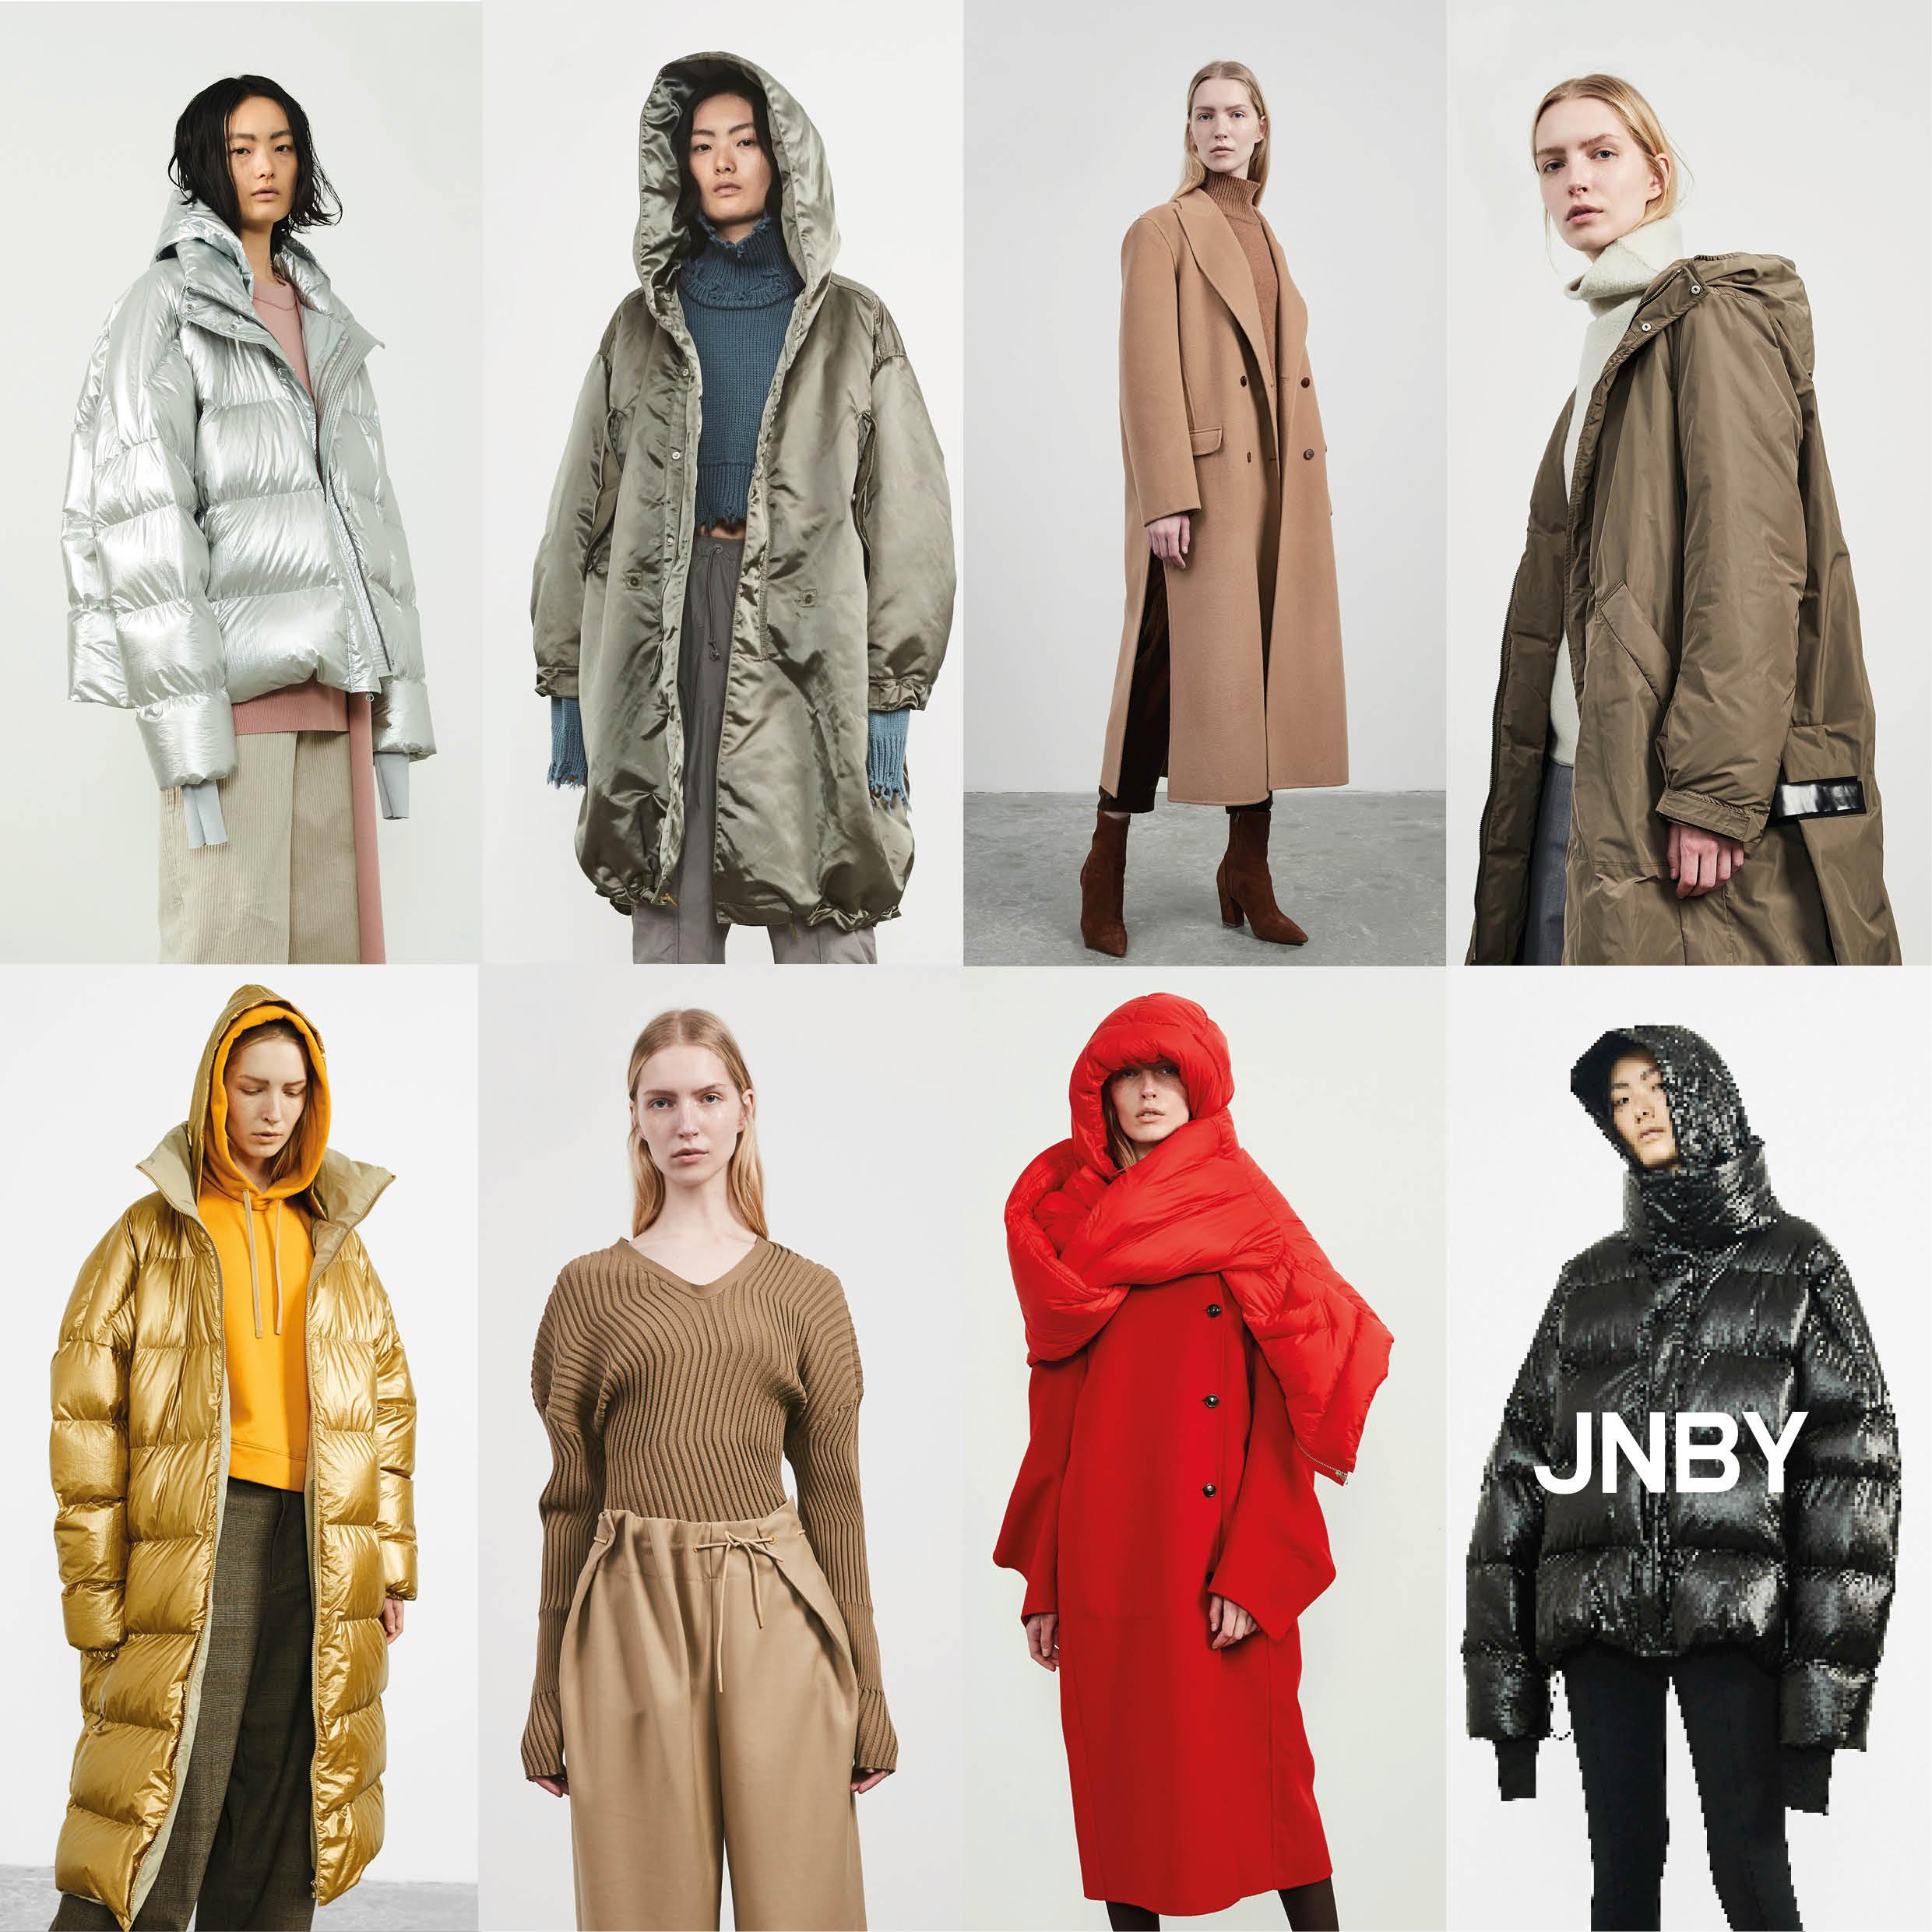 Von New York nach Berlin – JNBY begeistert die Modewelt